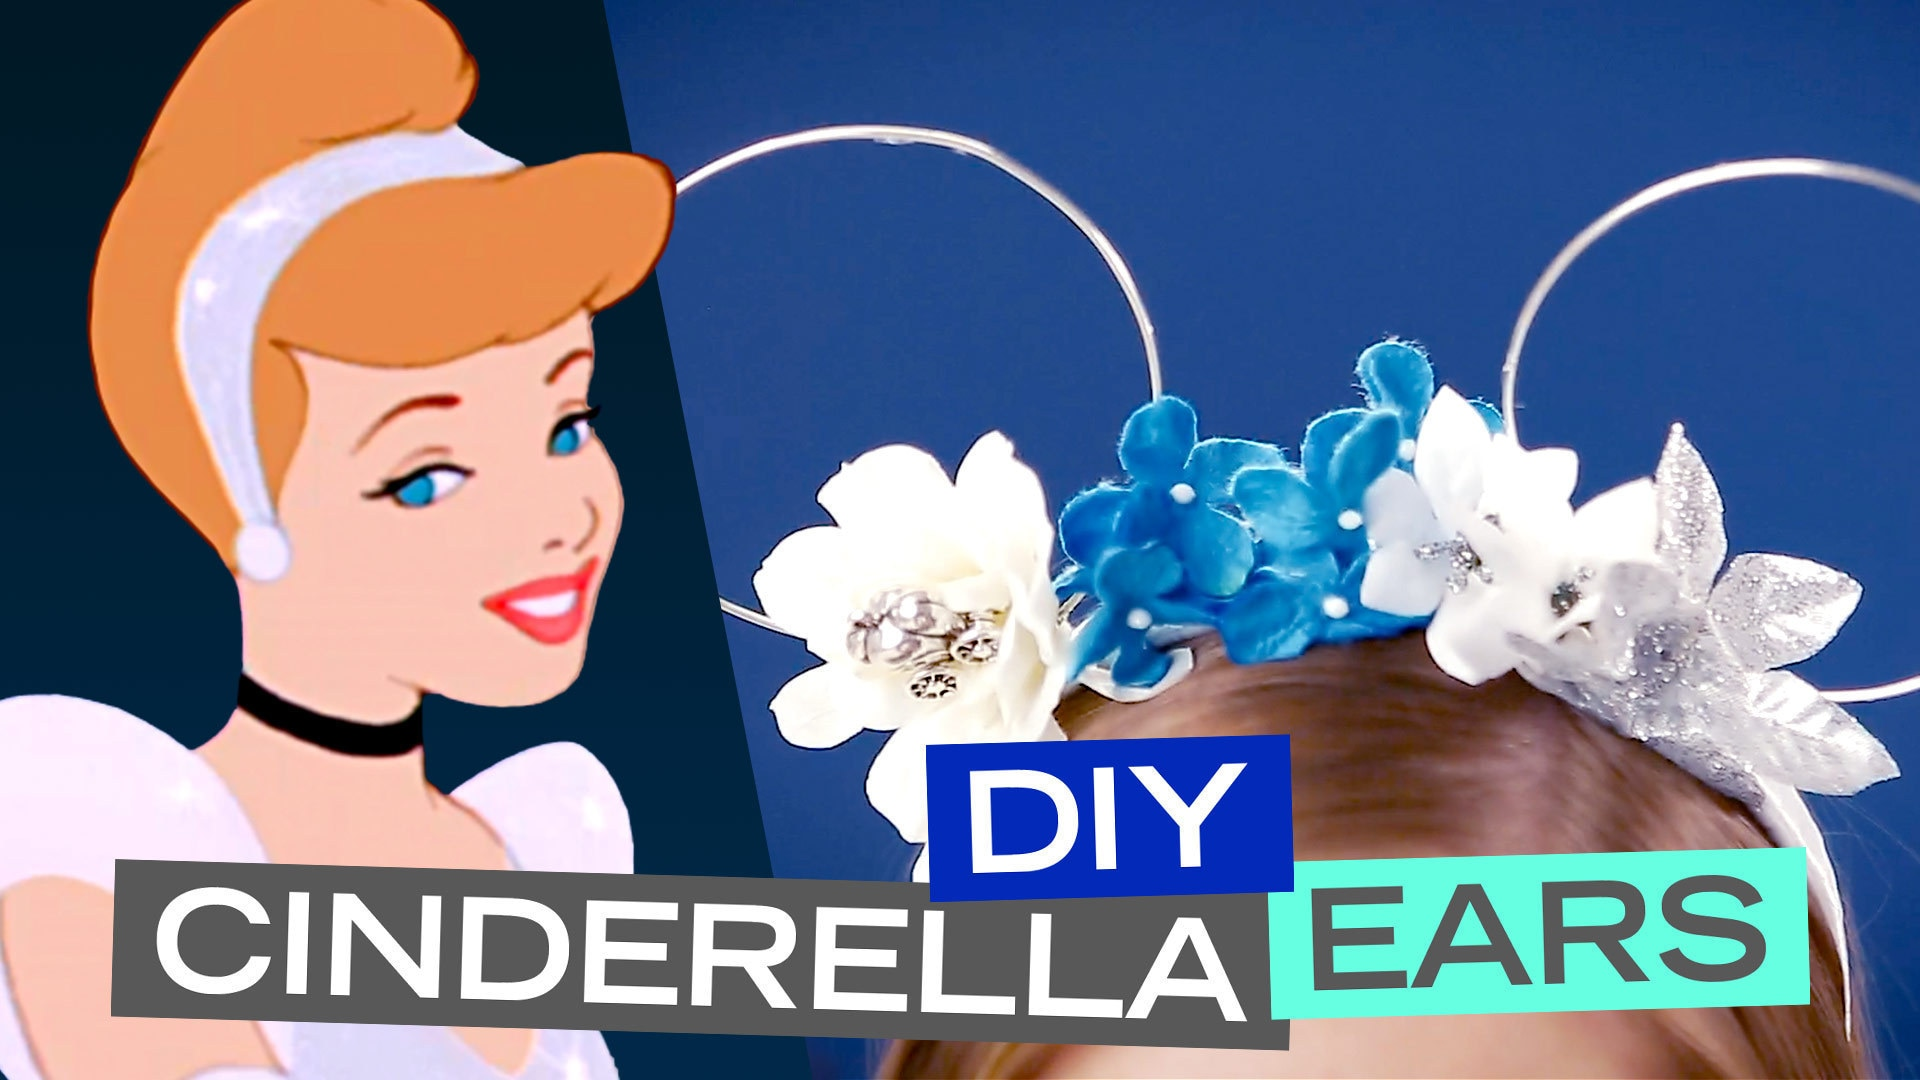 DIY Cinderella Ears